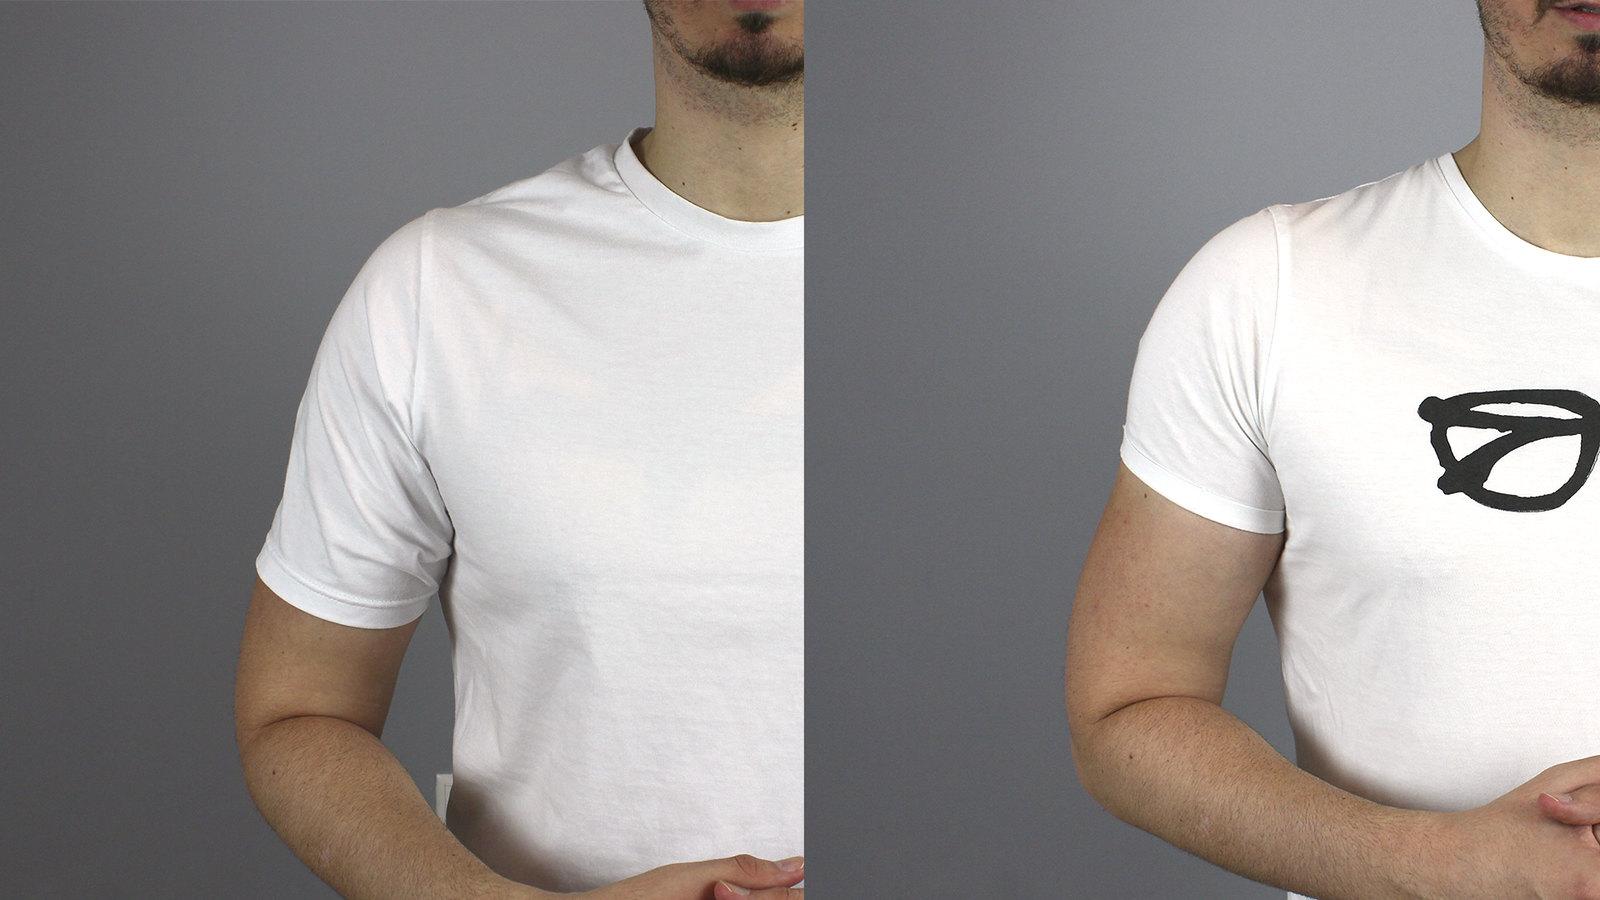 MANGAS de CAMISETA →¿Cómo debe quedar una camiseta de hombre?